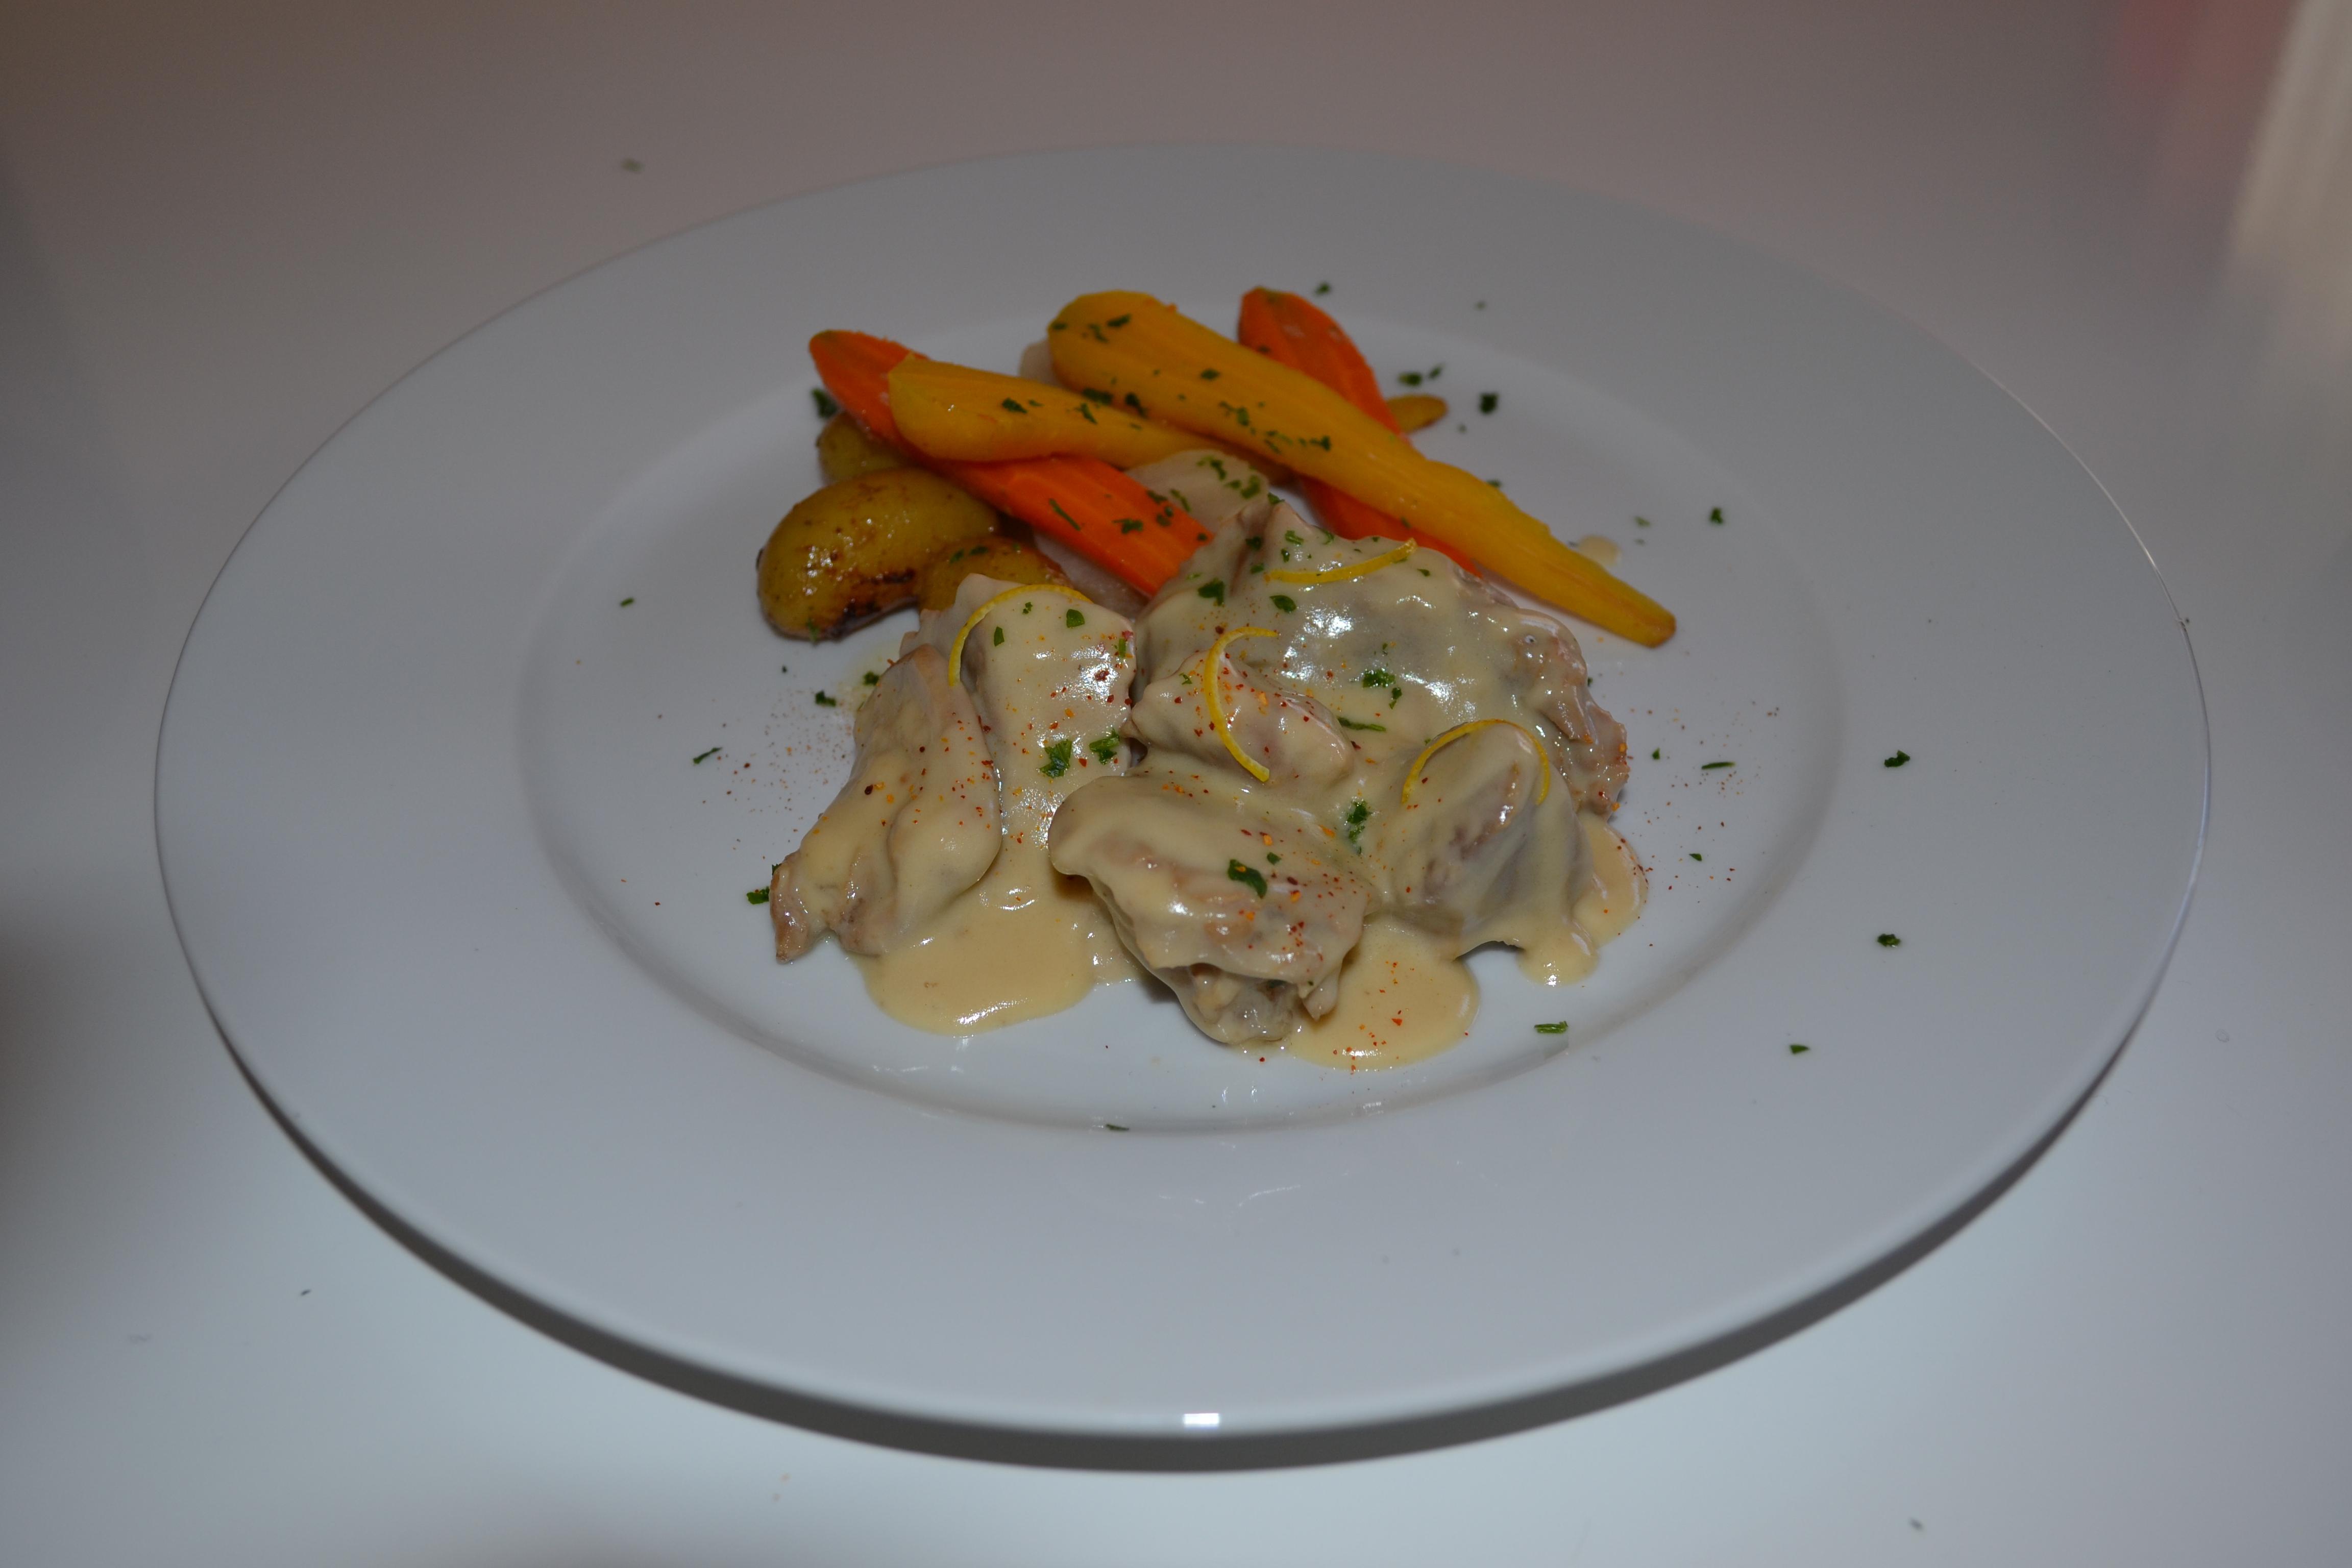 Blanquette de veau hippocampe cuisine - Cuisine blanquette de veau ...